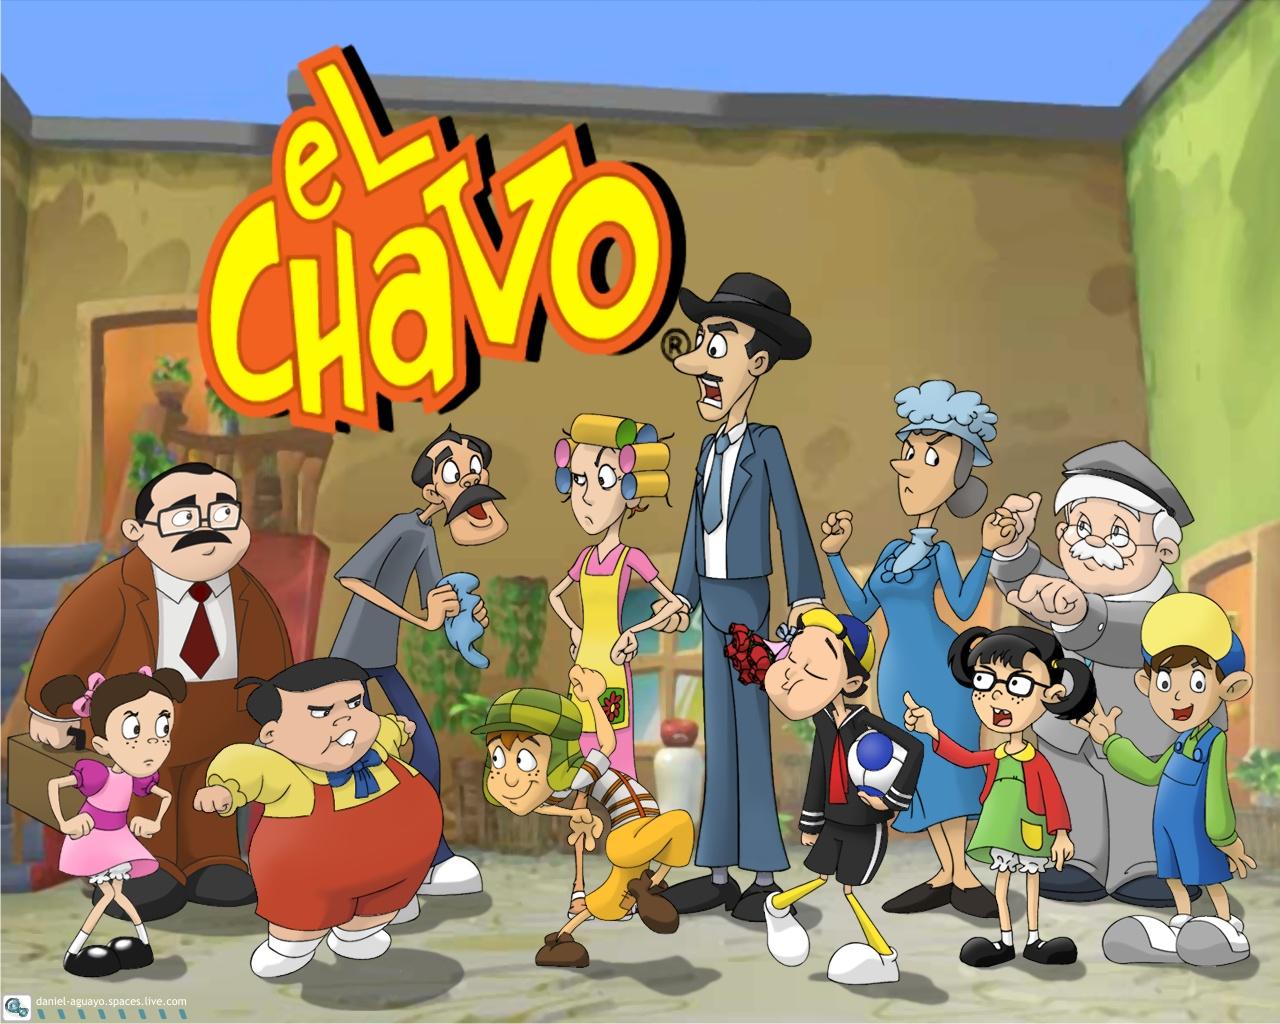 El Chavo Del Ou Chaves A M Dia Entre Duas Culturas